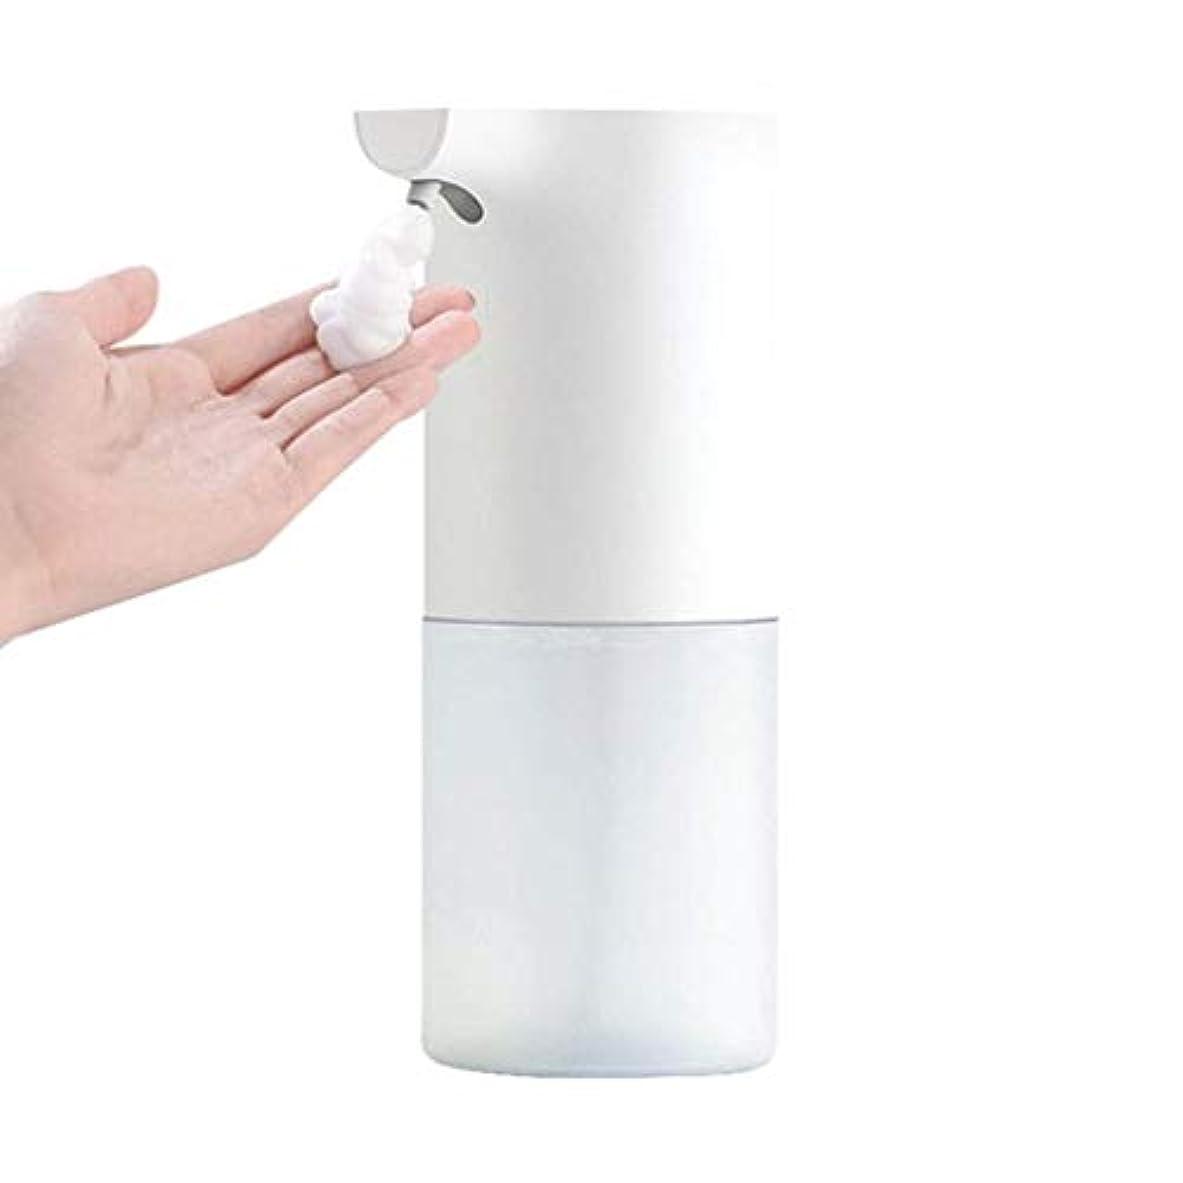 嫉妬手荷物原子誘導接触無料ハンドソープボトル手洗い自動洗濯携帯電話浴室キッチンプラスチック材料ローション(色:白、サイズ:7.3 * 7.3 * 19 cm) (Color : White, Size : 7.3*7.3*19cm)